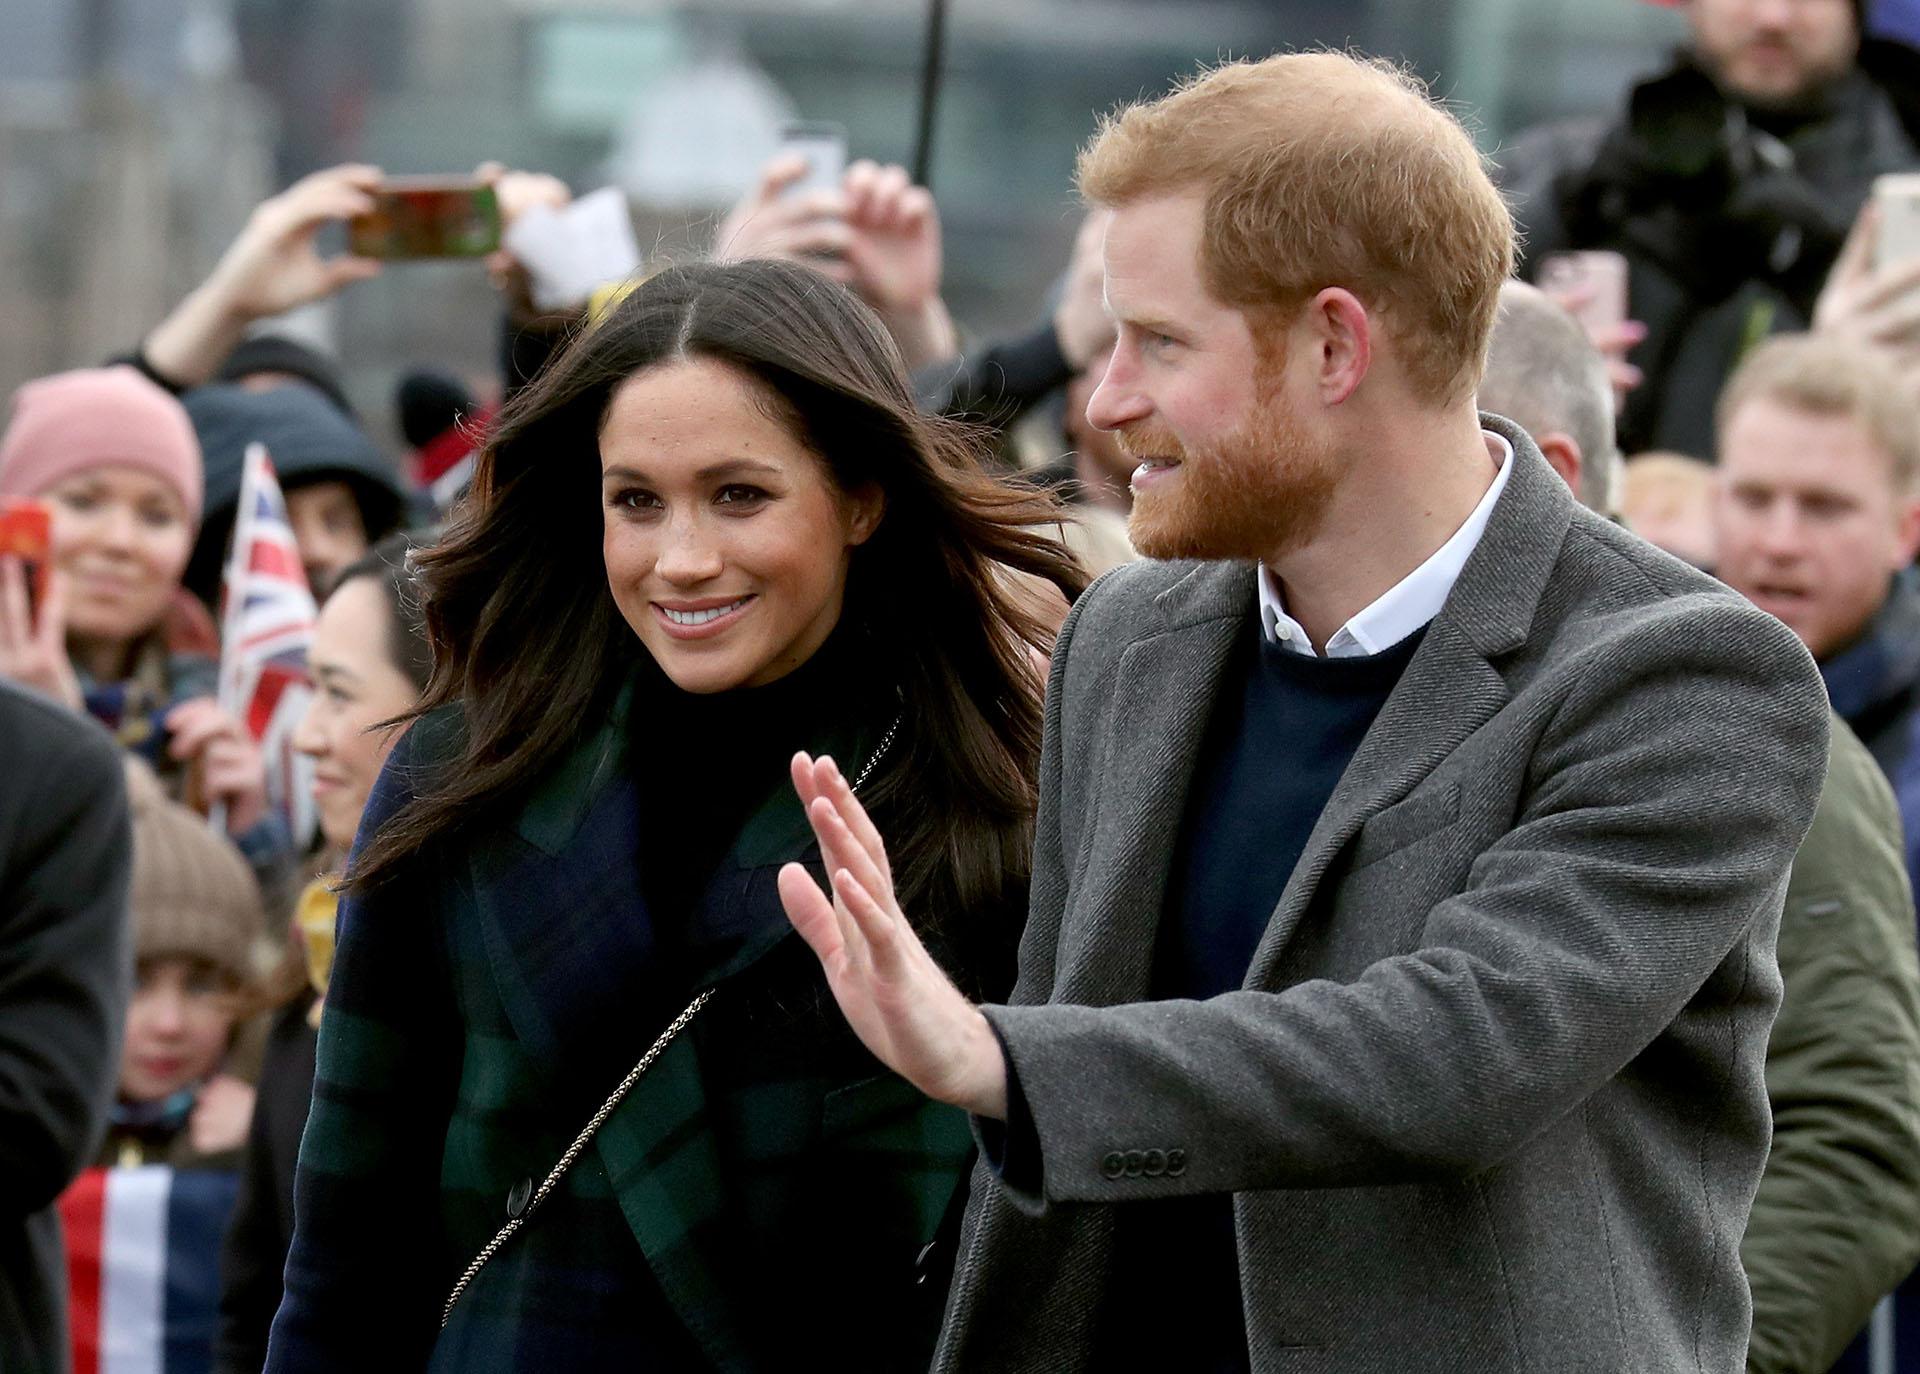 El príncipe Harry y Meghan Markle están agradecidos por todos los mensajes y buenos augurios que han recibido del público en general, dijo un vocero del Palacio de Kensington (REUTERS/Andrew Milligan/Pool)